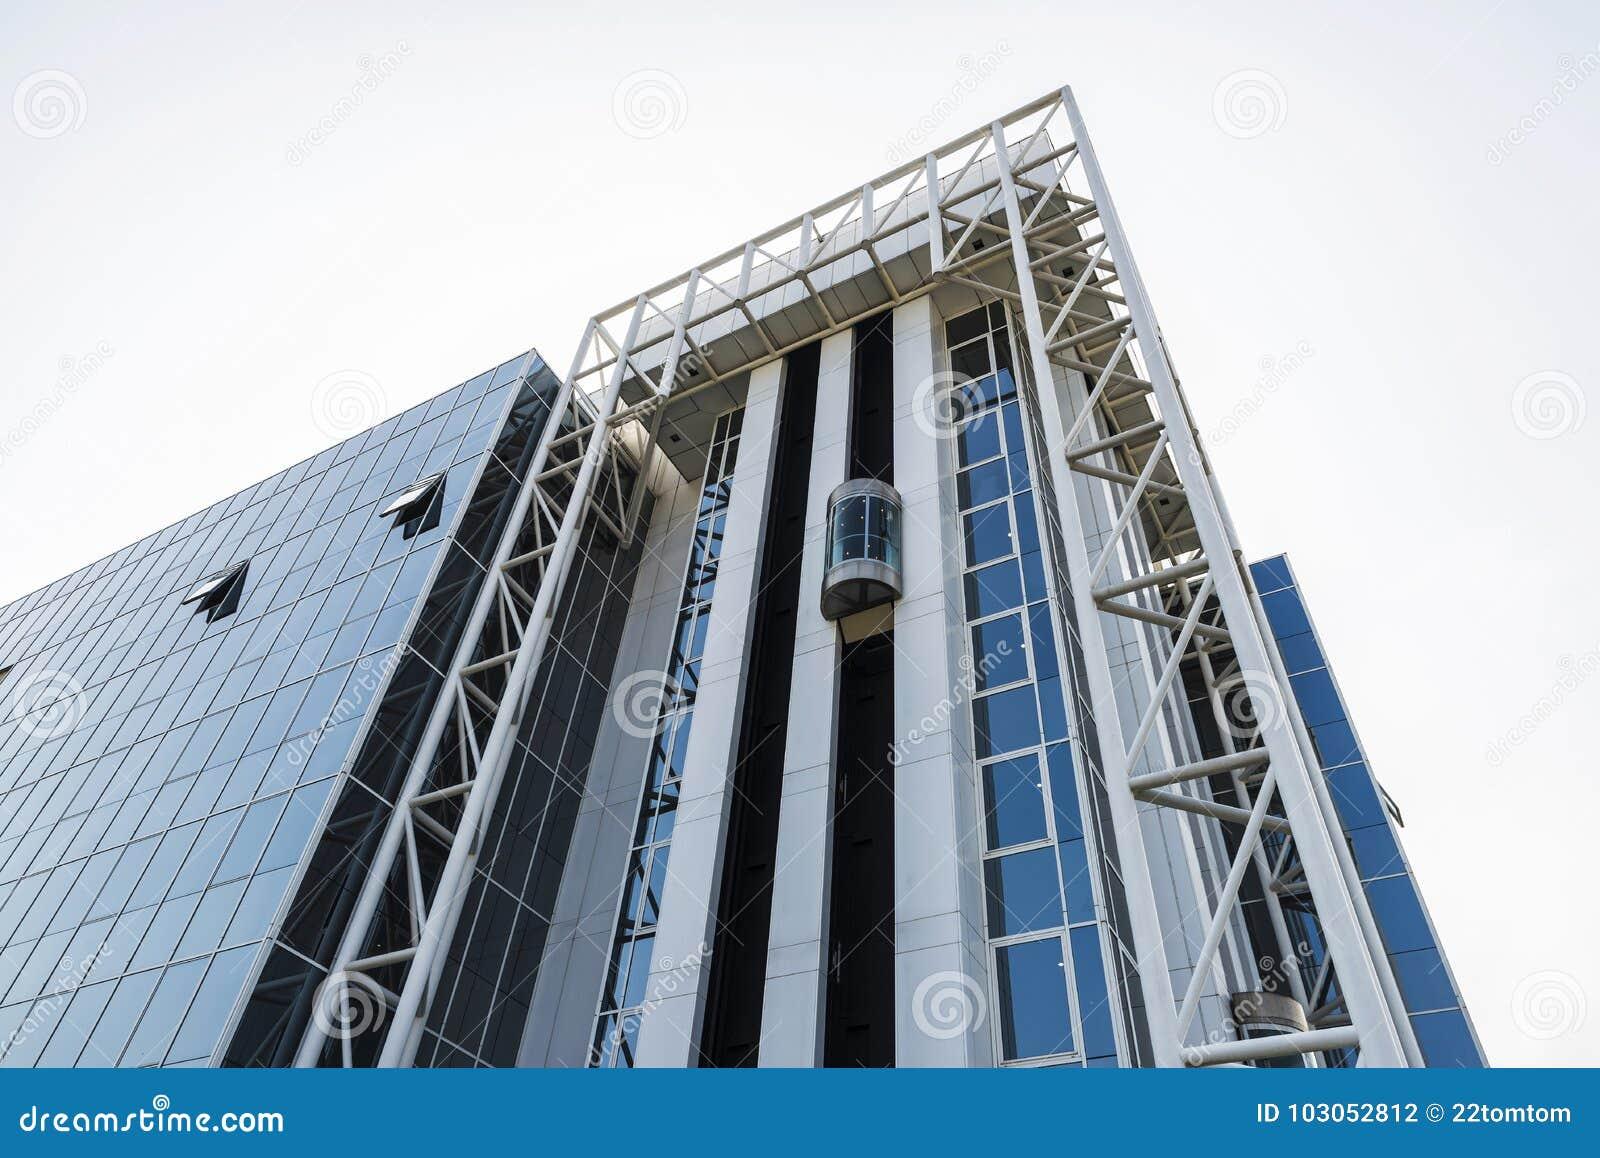 Fachada de un edificio de oficinas moderno en Bruselas, Bélgica